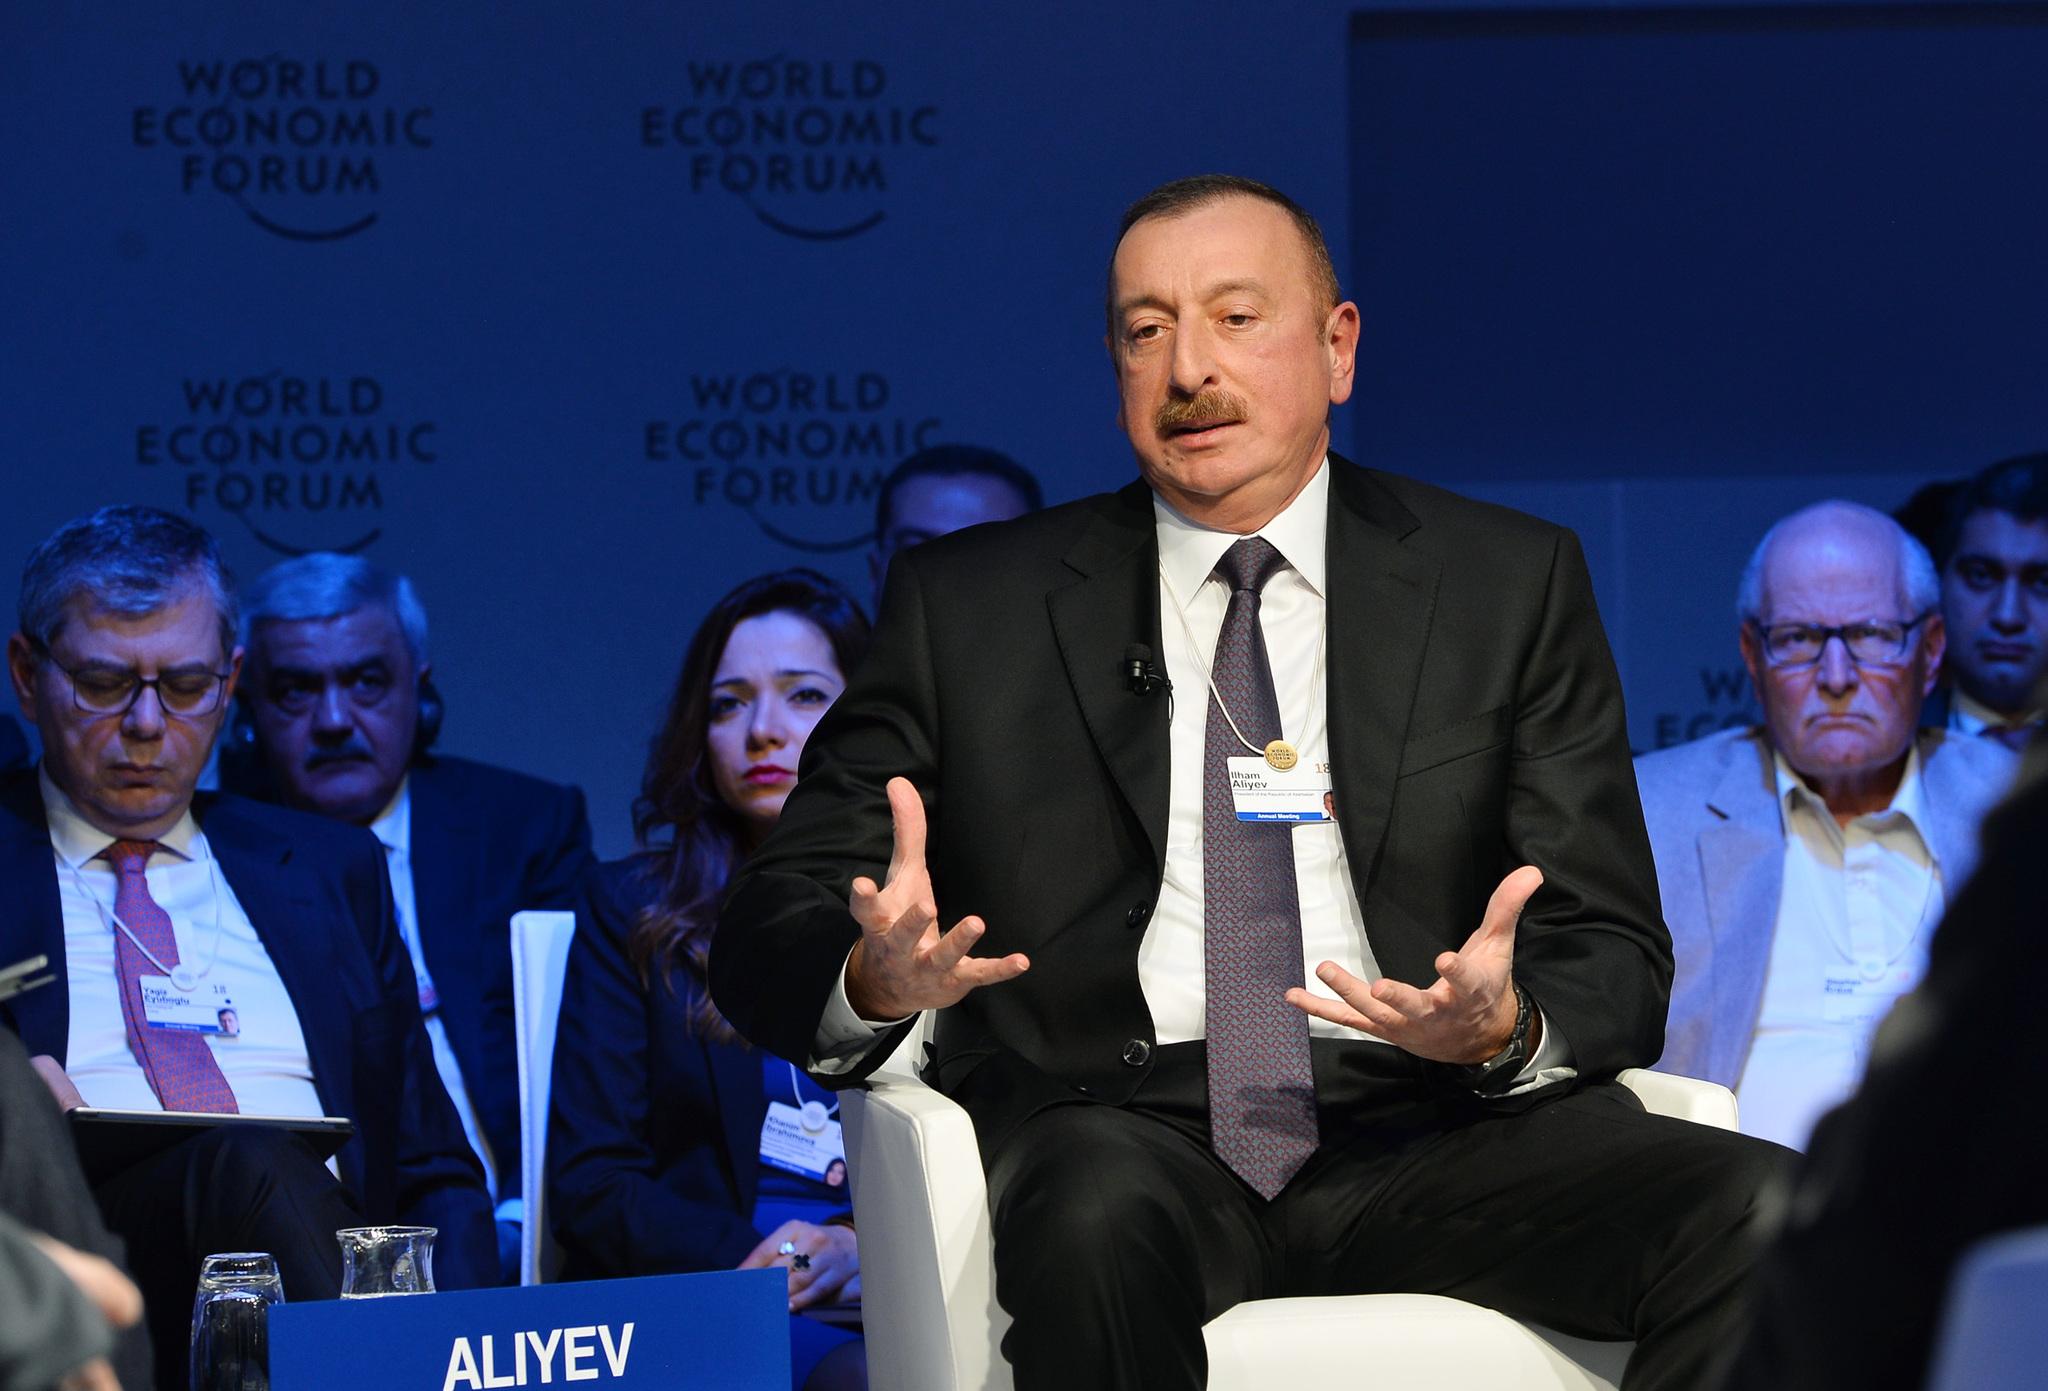 Ilham Aliyev, Président d'Azerbaïdjan